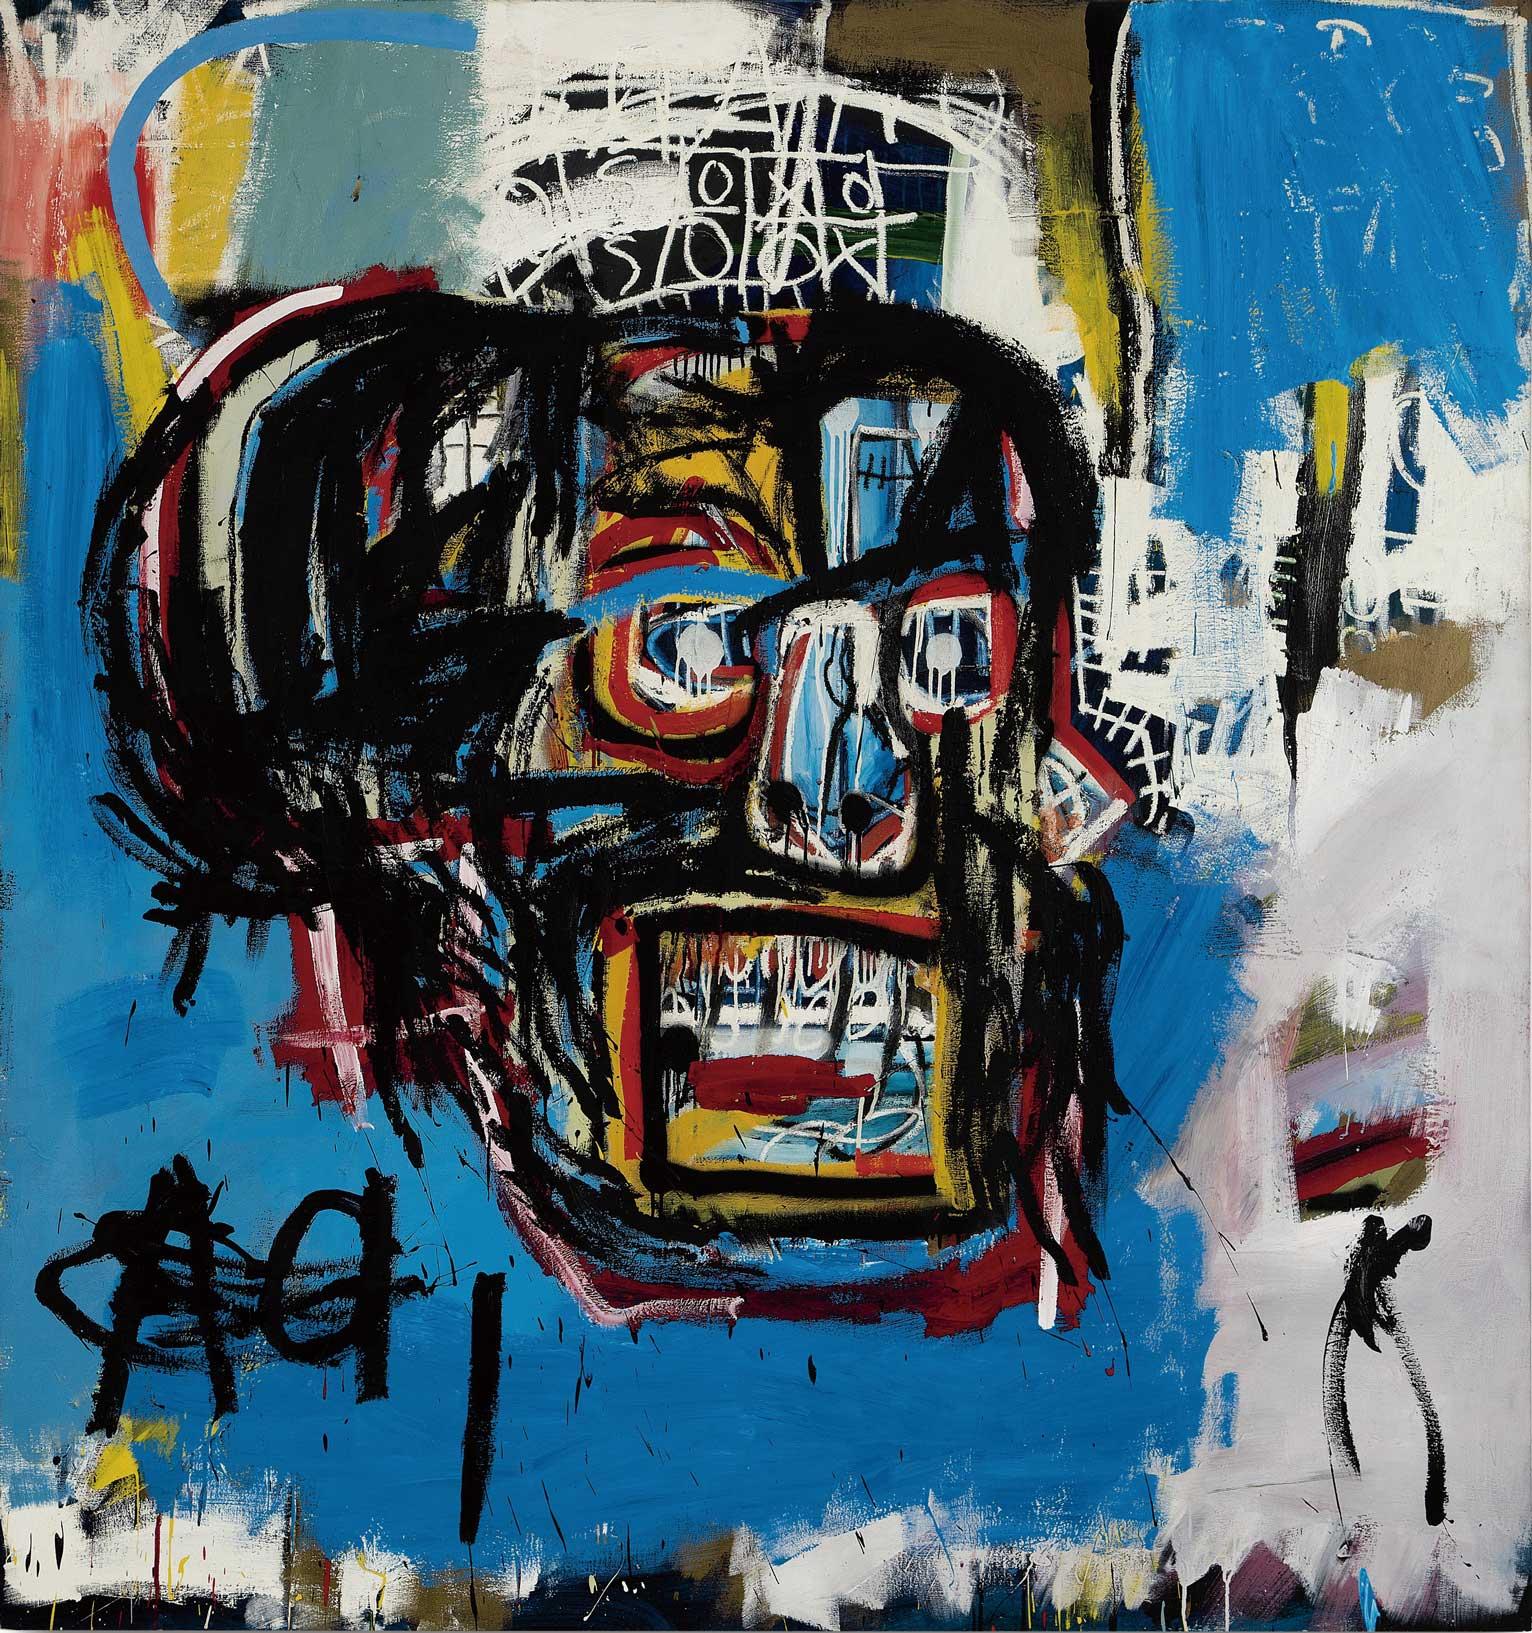 前澤友作以 1 億 1500 萬美元的天價在紐約蘇富比落槌成交這幅巴斯奇亞的《無題》,一舉成為藝壇焦點人物。